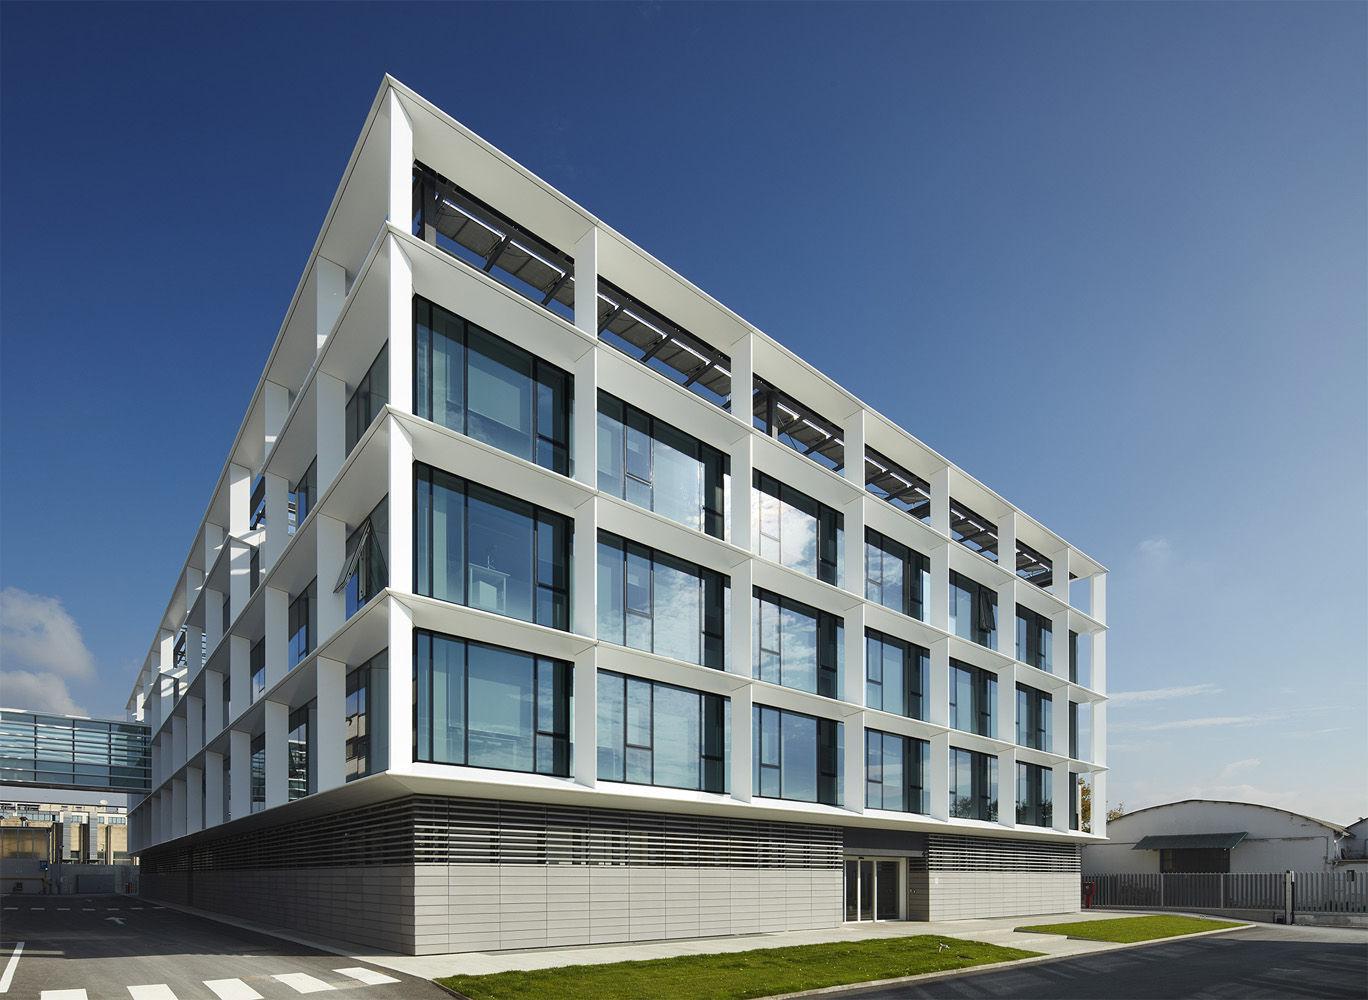 Nuovo edificio Q Ferragamo - image 1